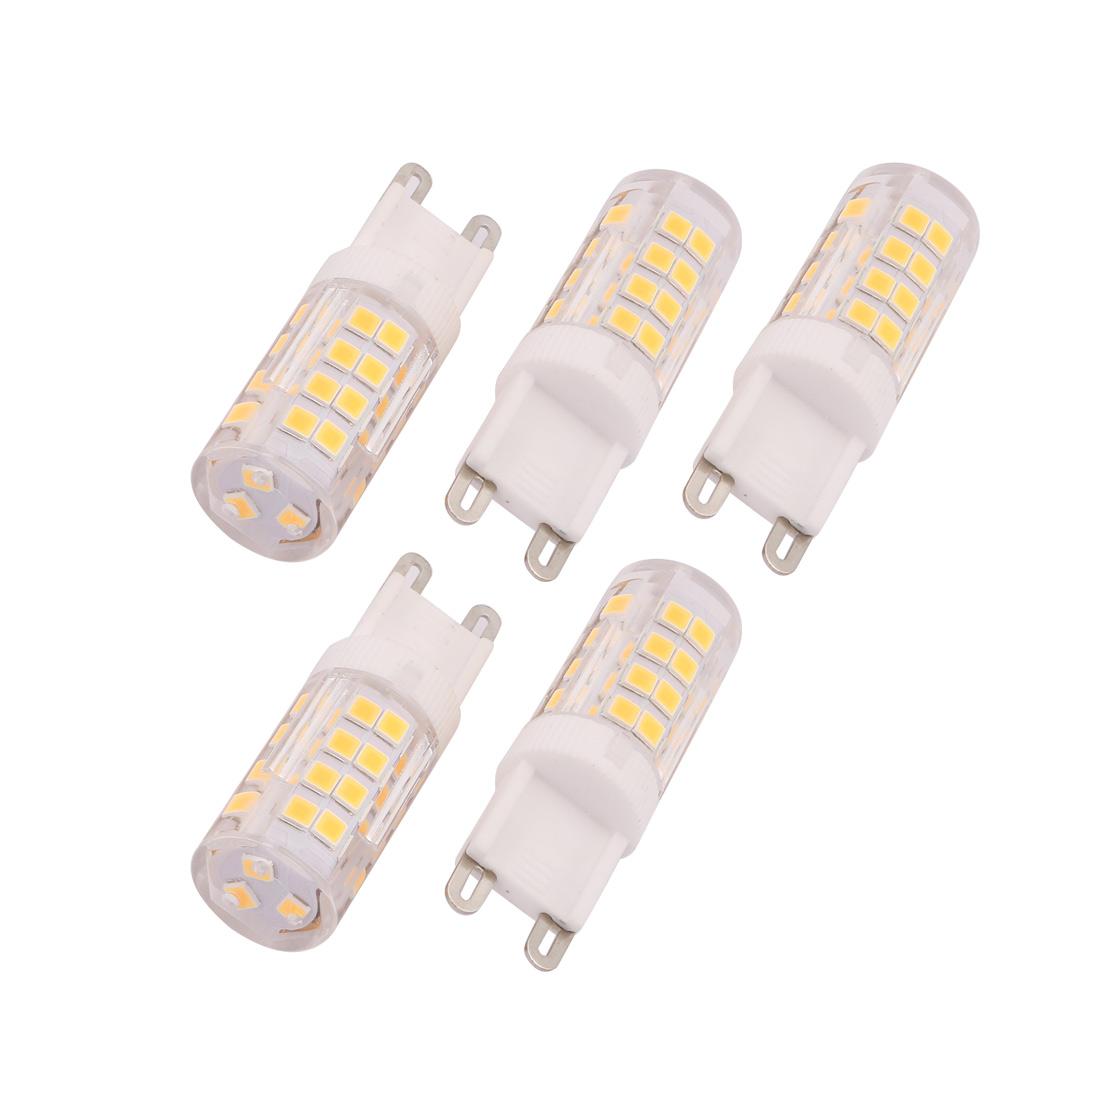 5Pcs G9 AC220V 51 LEDs 2835SMD COB LED Silicone Corn Light Bulb Warm White